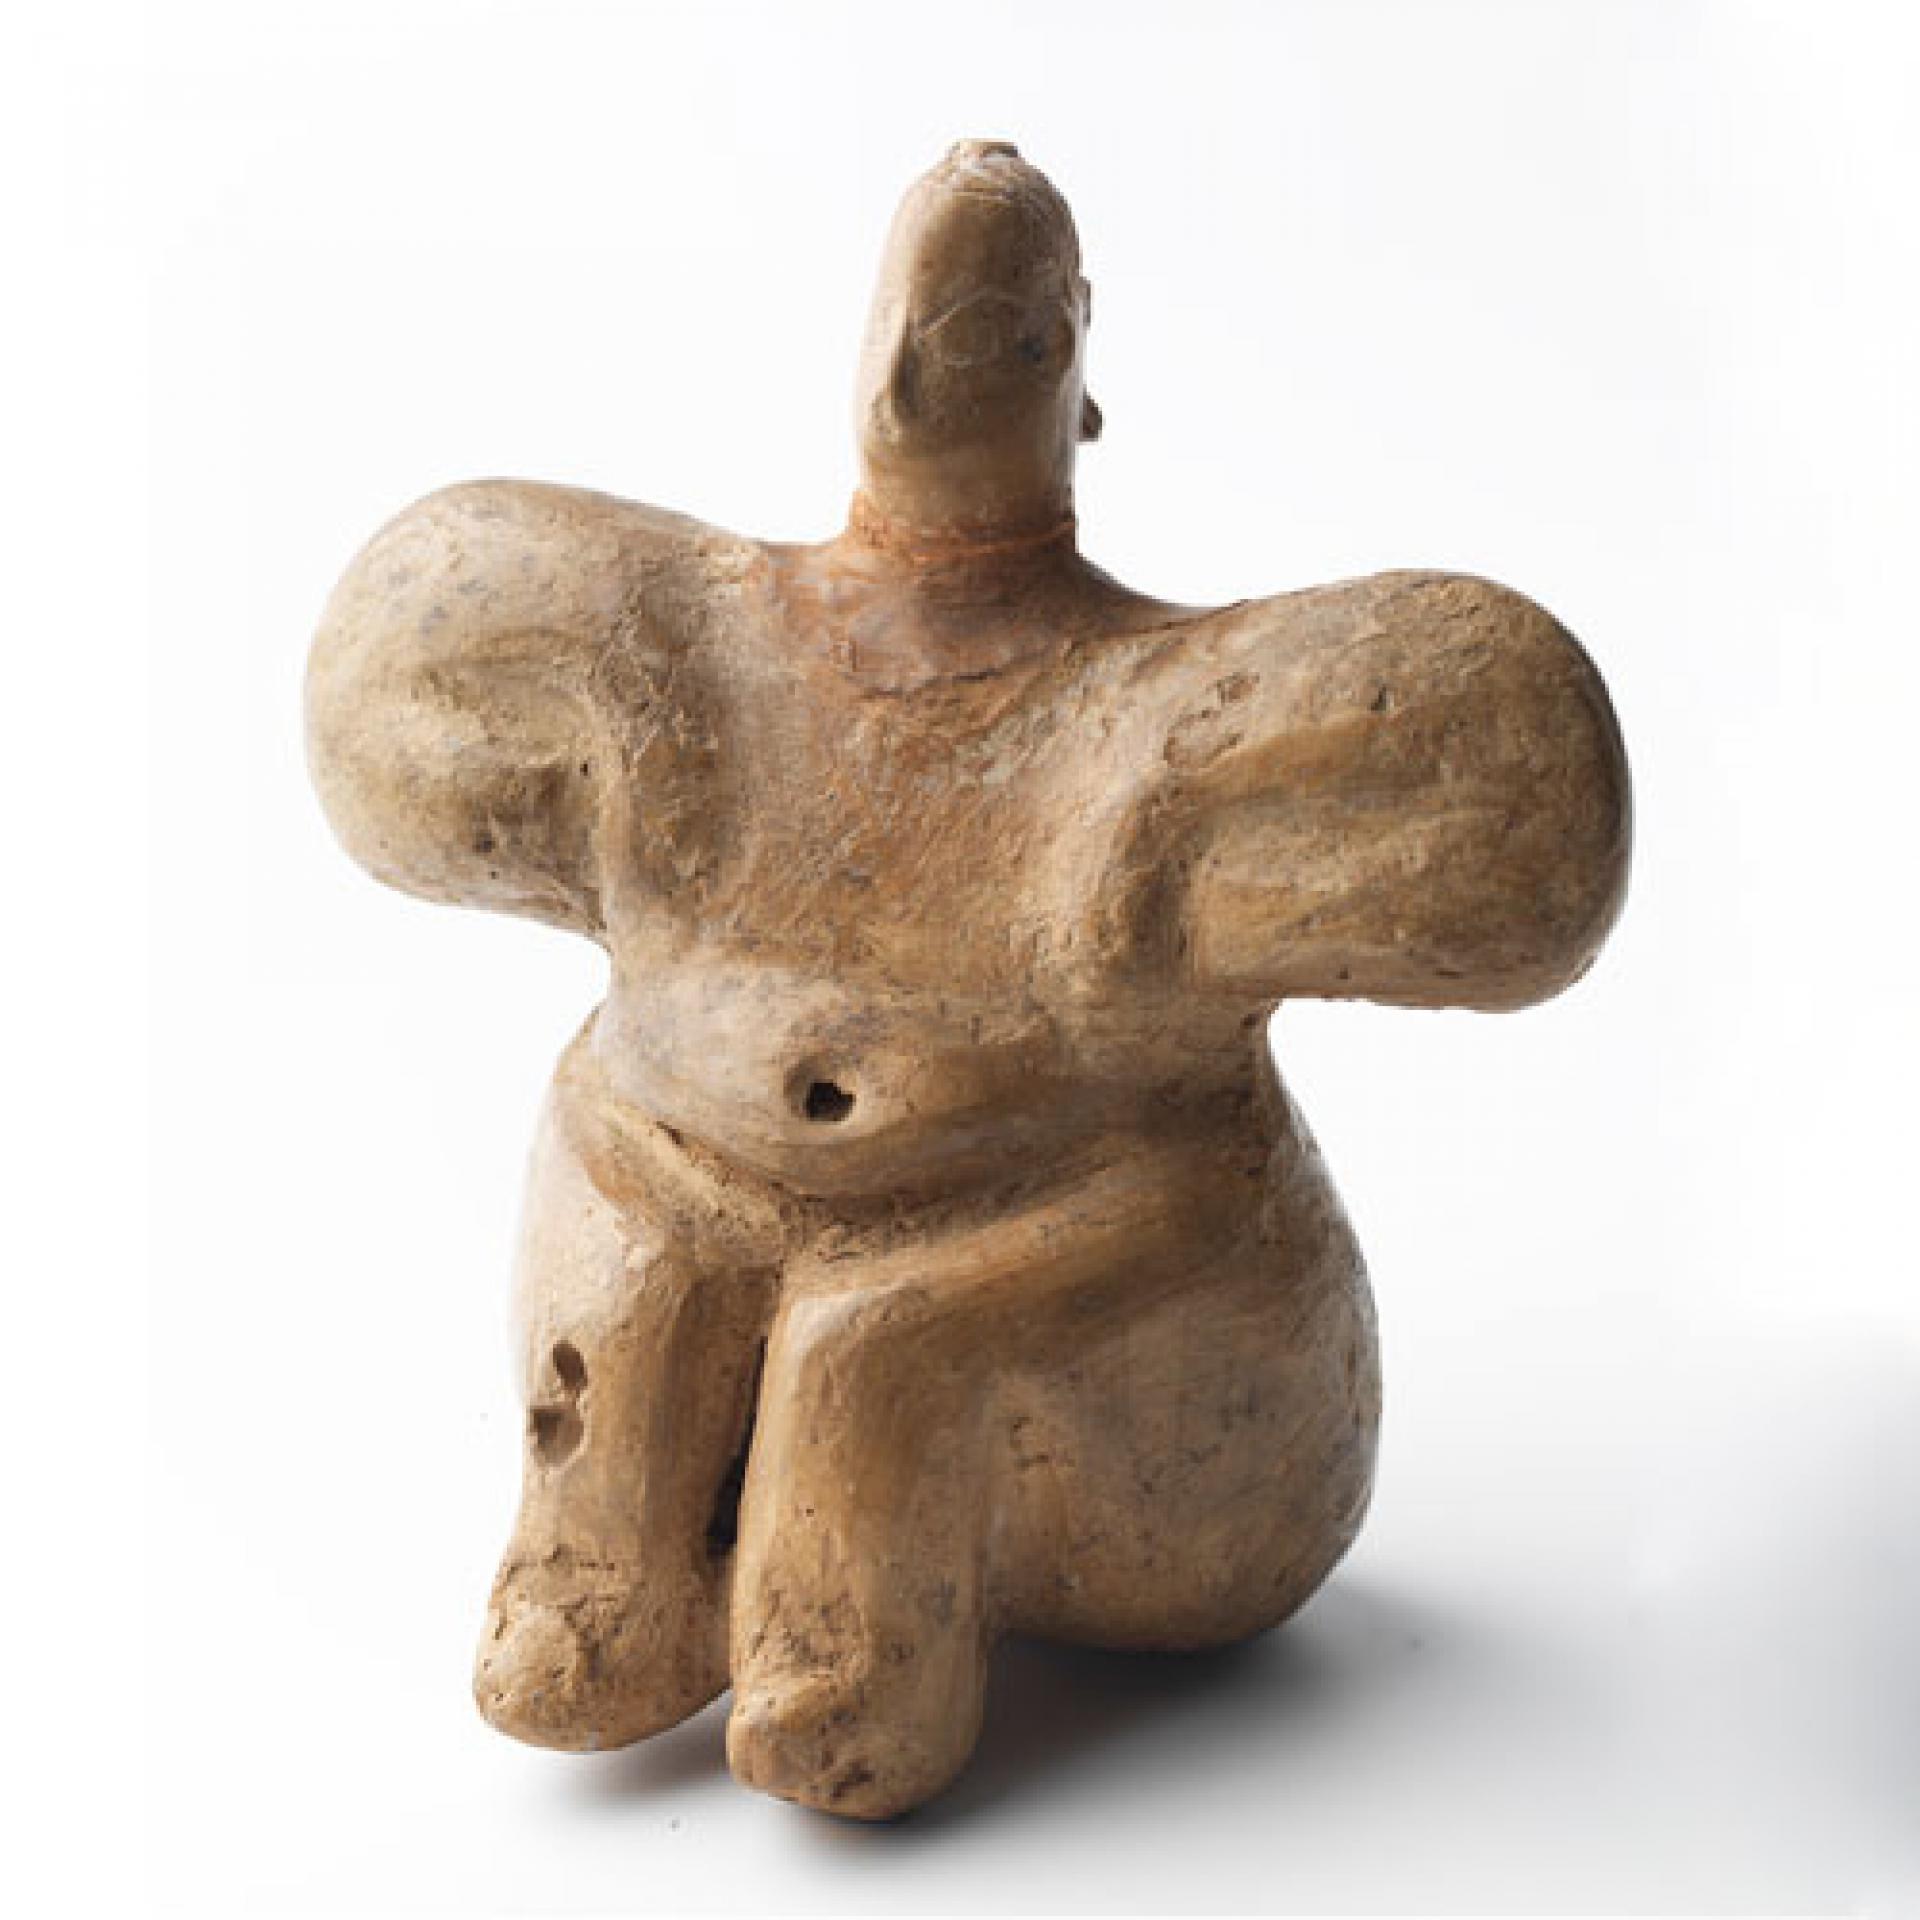 FİGÜRİN - KOLEKSİYON - Sadberk Hanım Müzesi